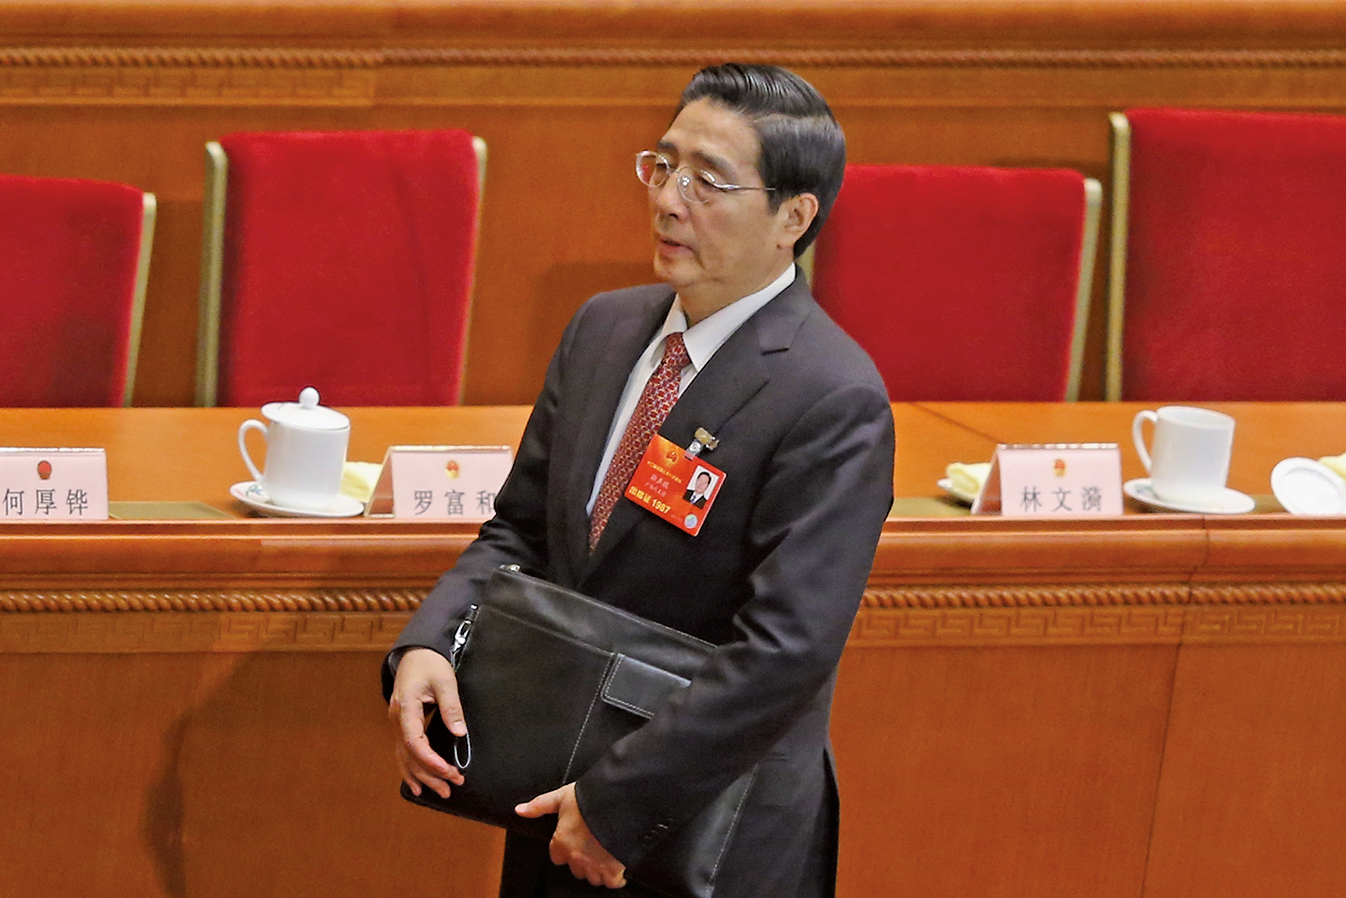 現任中共政治局委員、中央政法委書記郭聲琨被削權。(Getty Images)